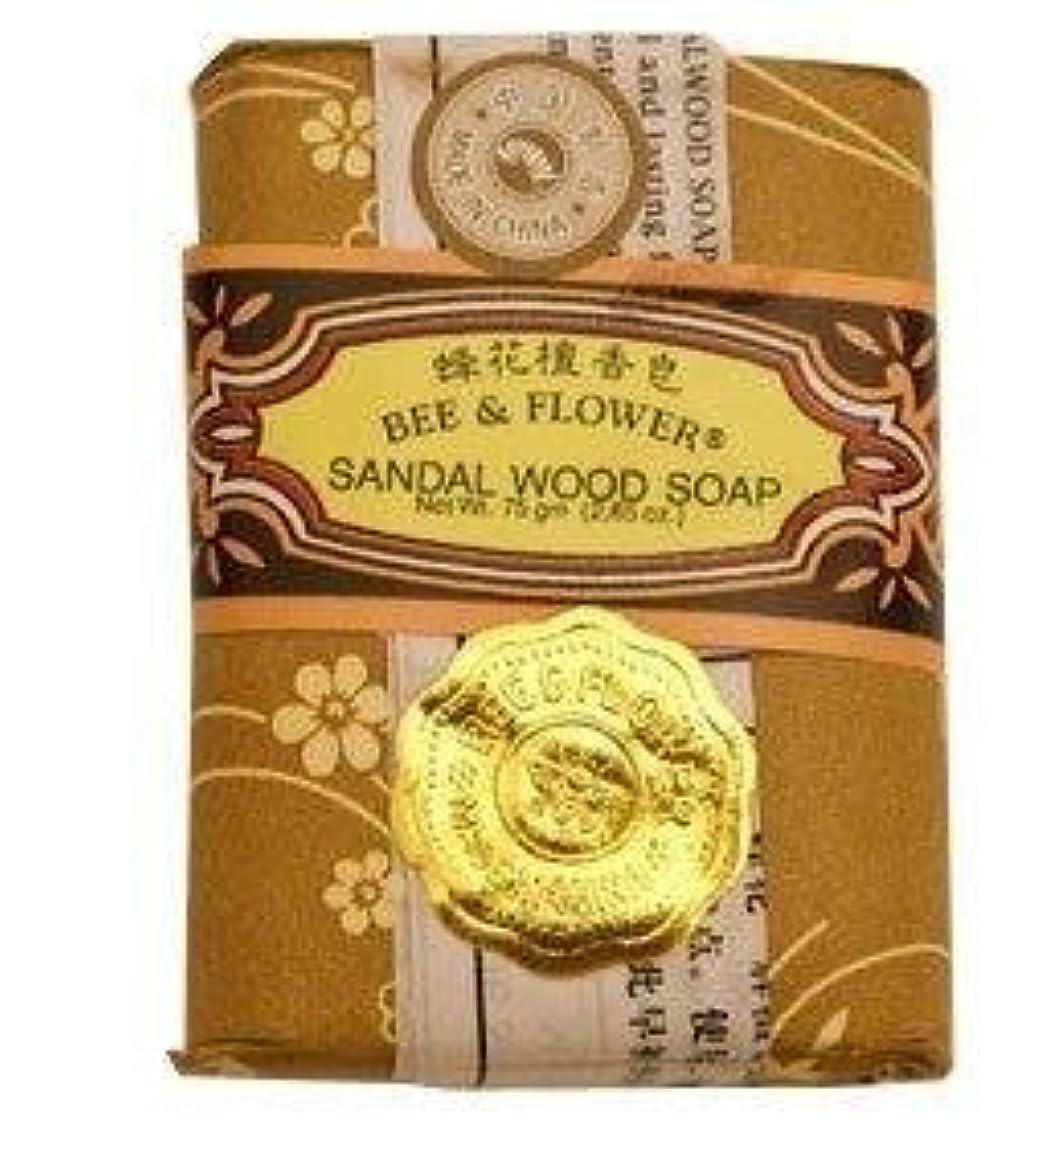 いとこ語鰐Bee And Flower Sandal Wood Bar Soap 2.65 Ounce - 12 per case. [並行輸入品]